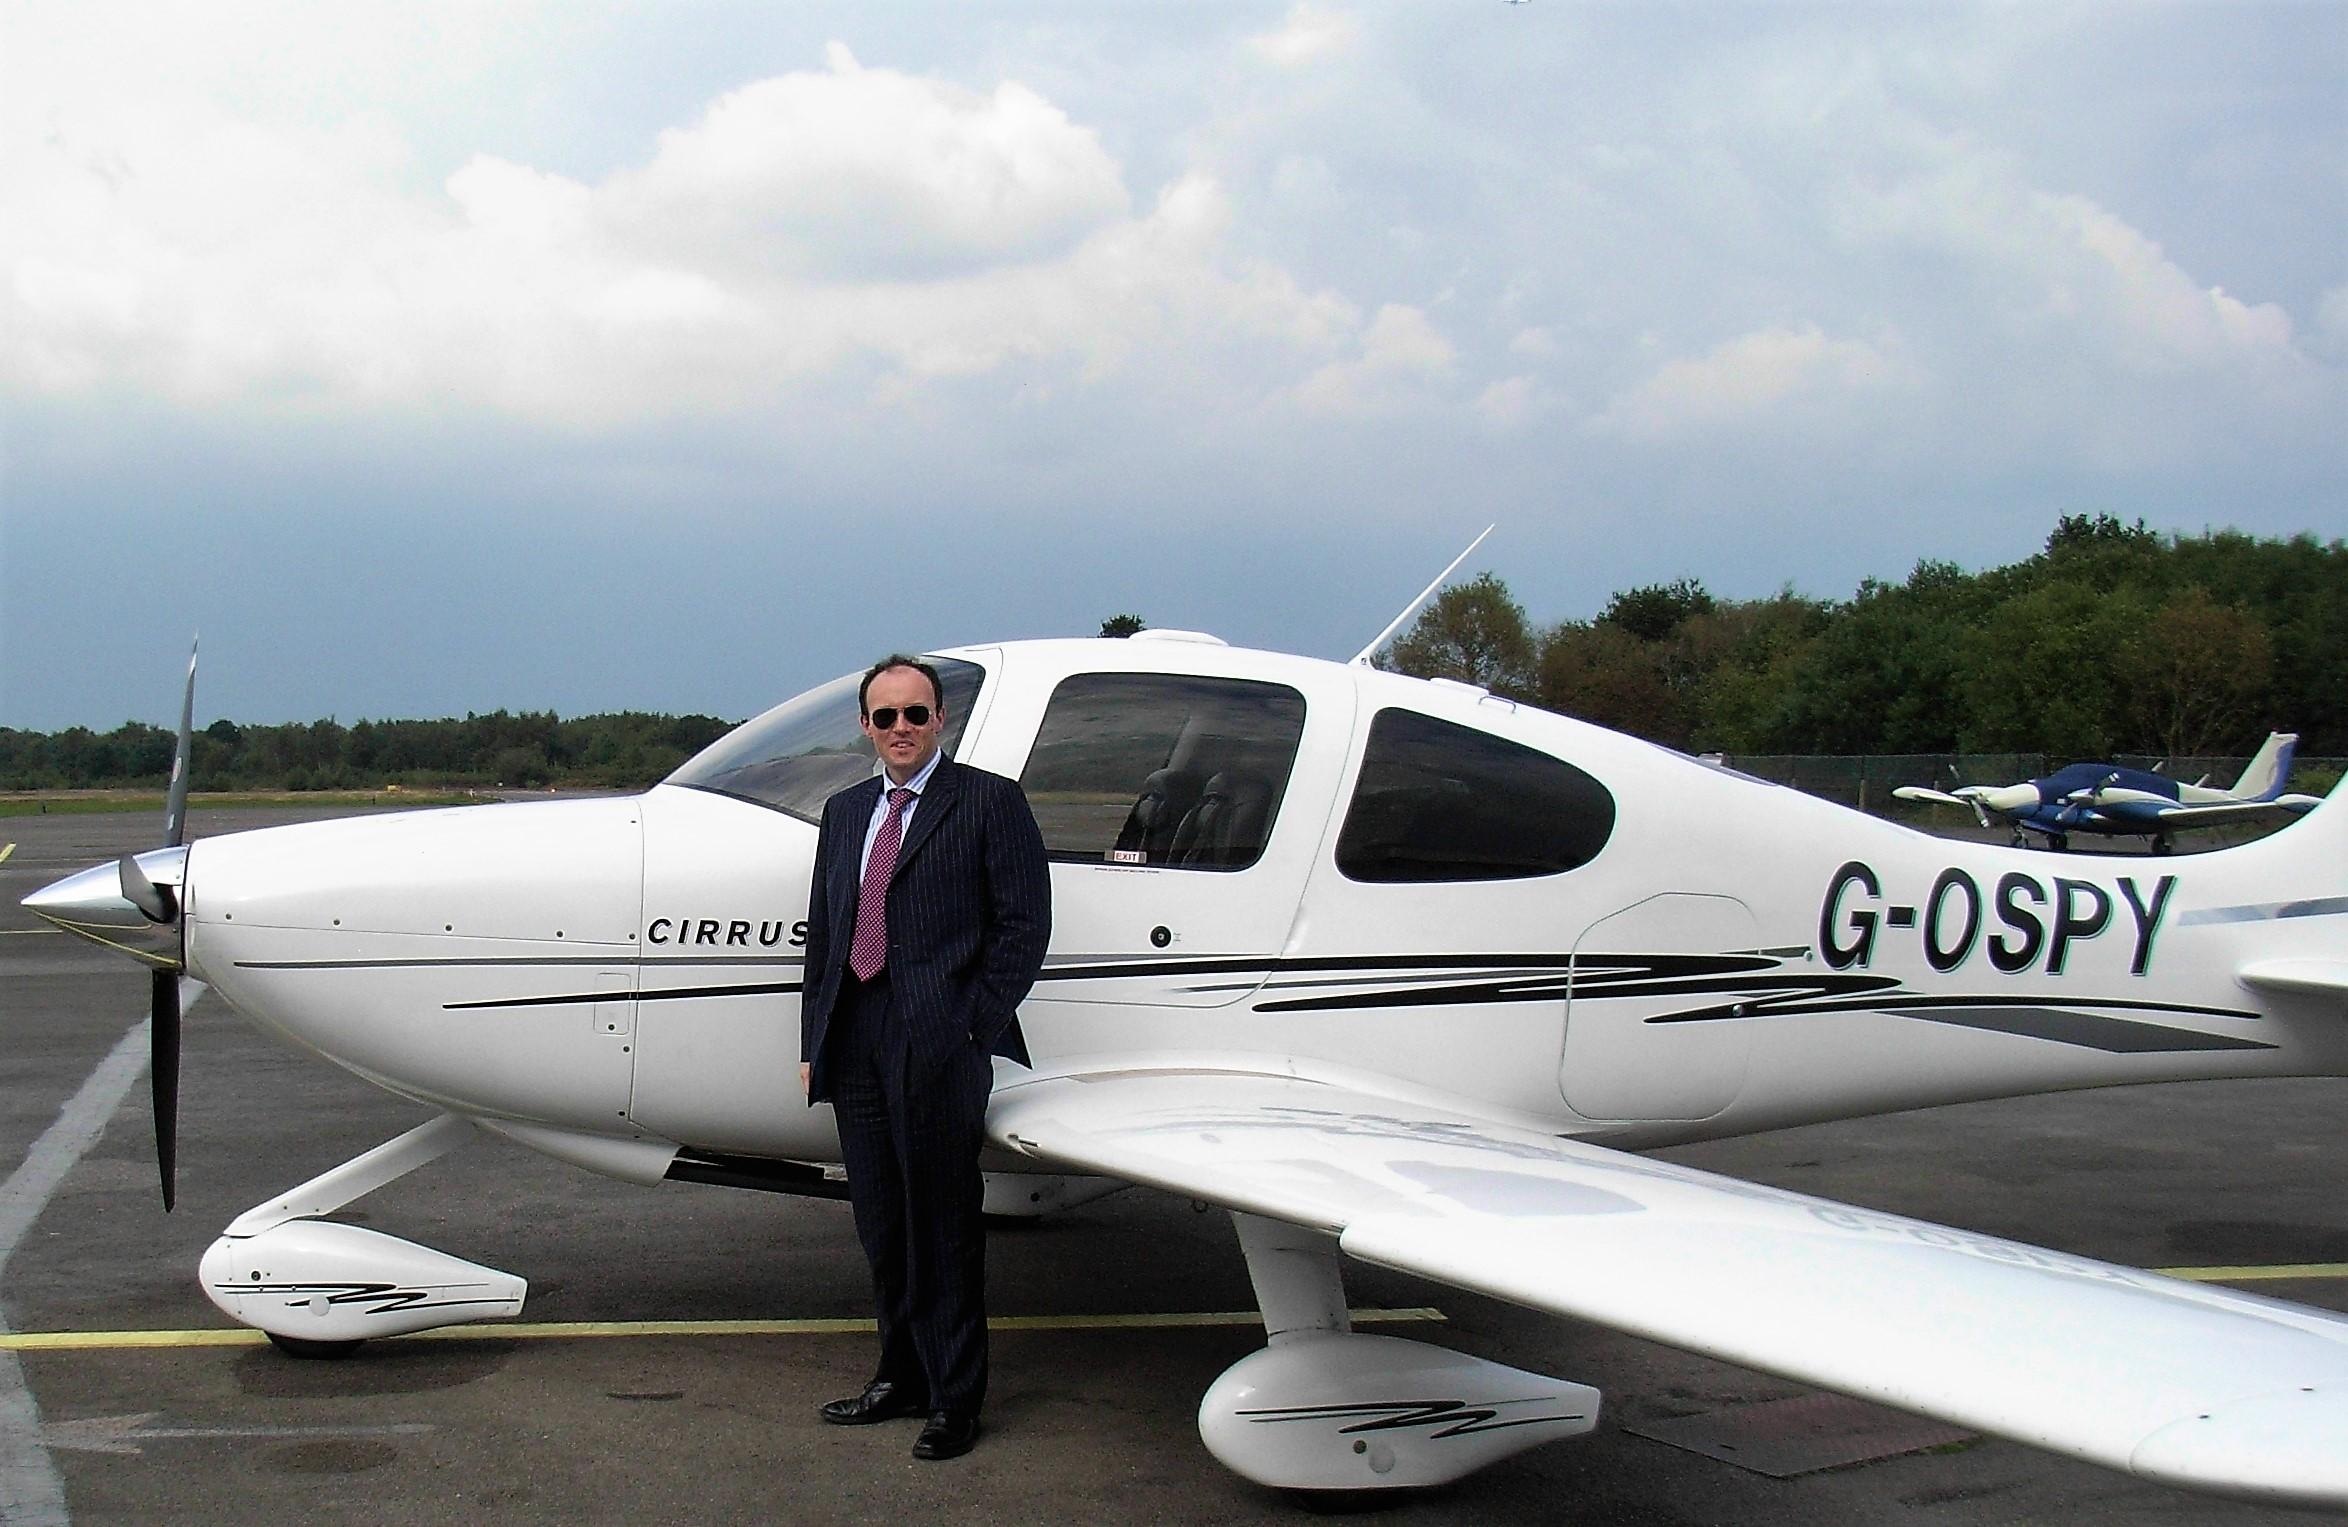 James McBrearty, pilot